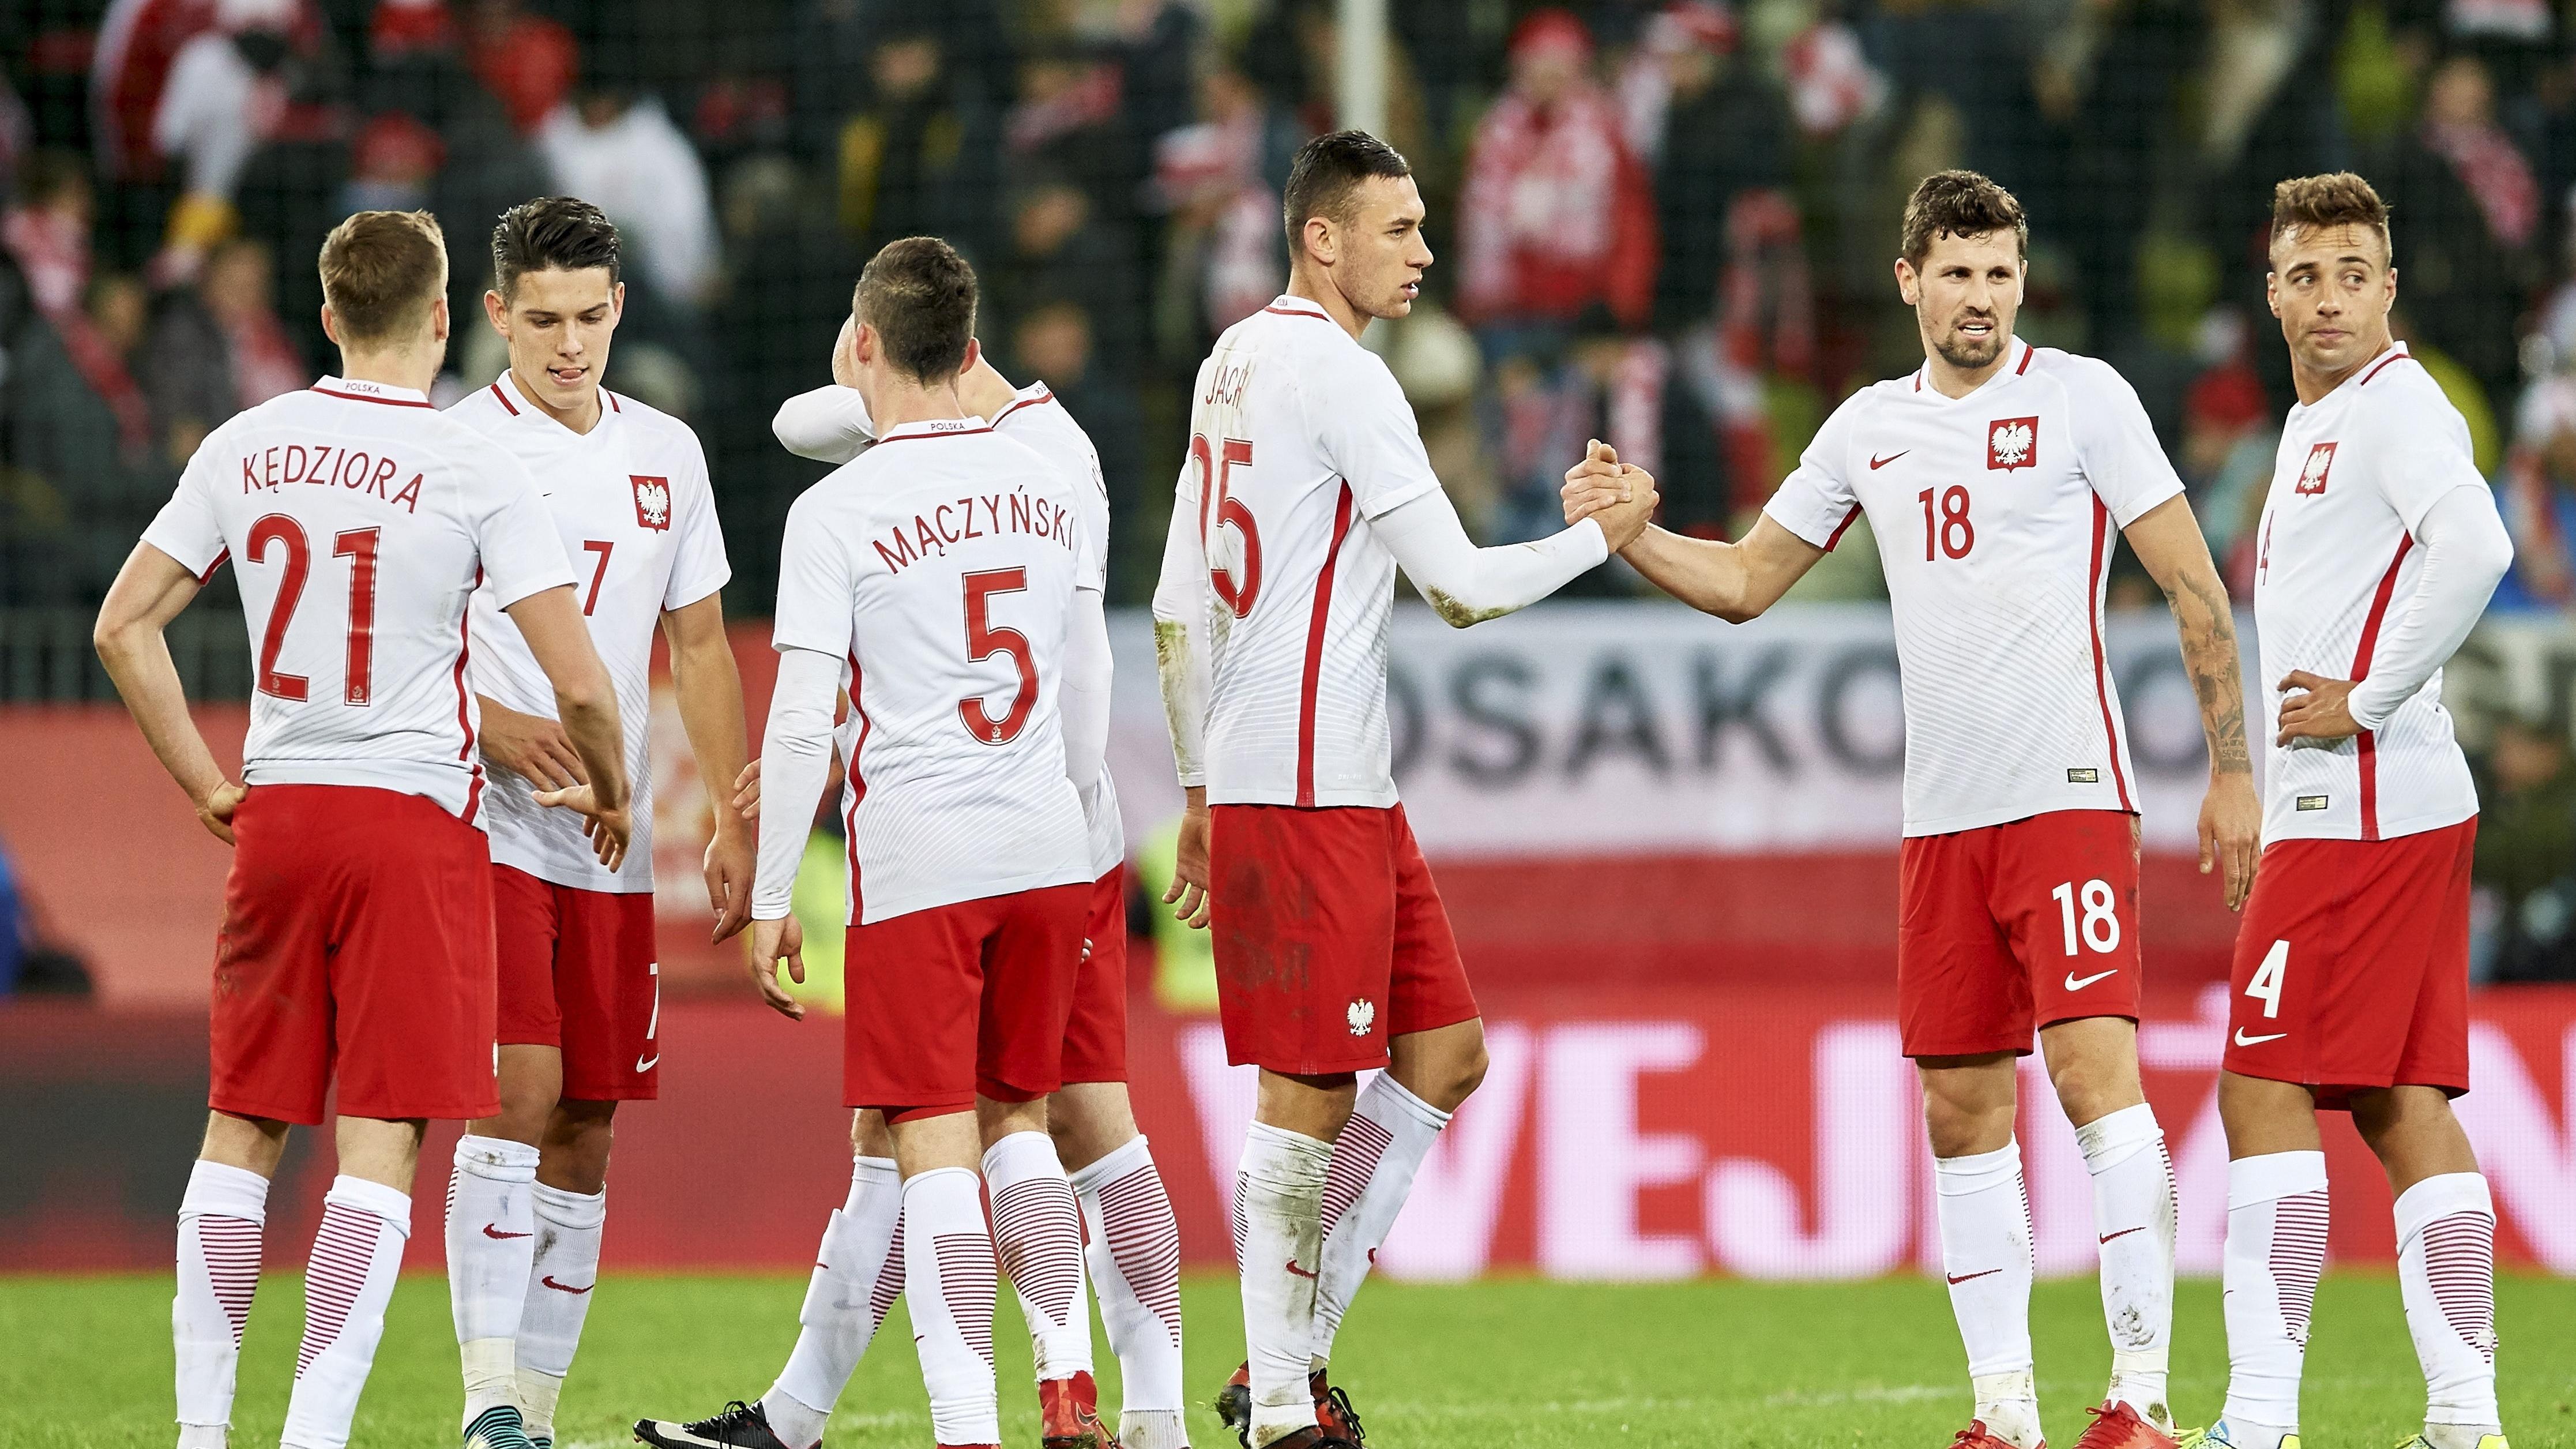 5b2ac472b Tak będą wyglądać koszulki reprezentacji Polski podczas piłkarskich  mistrzostw świata? - Sport